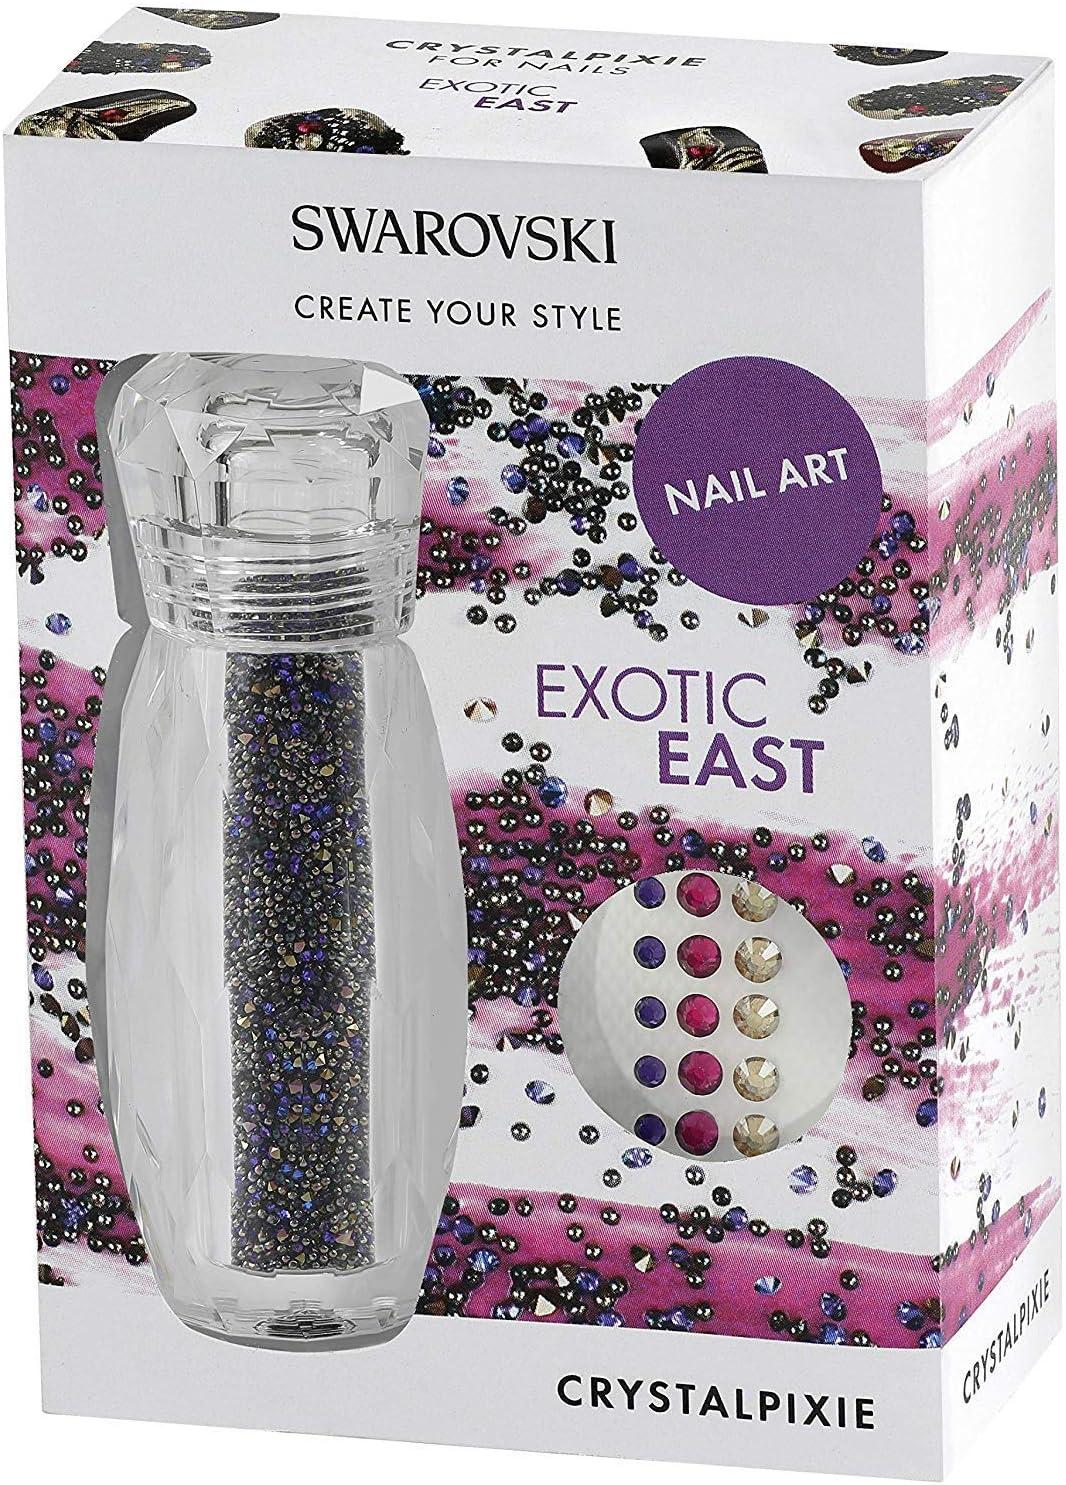 Manicura Swarovski crystalpixie Exótico EAST Uña Diseño Kit purpurina brillante REFLEJOS CRISTALES Salón de Colores Decoración Fiesta De Noche Boda Dama De Honor OCASIÓN belleza Productos